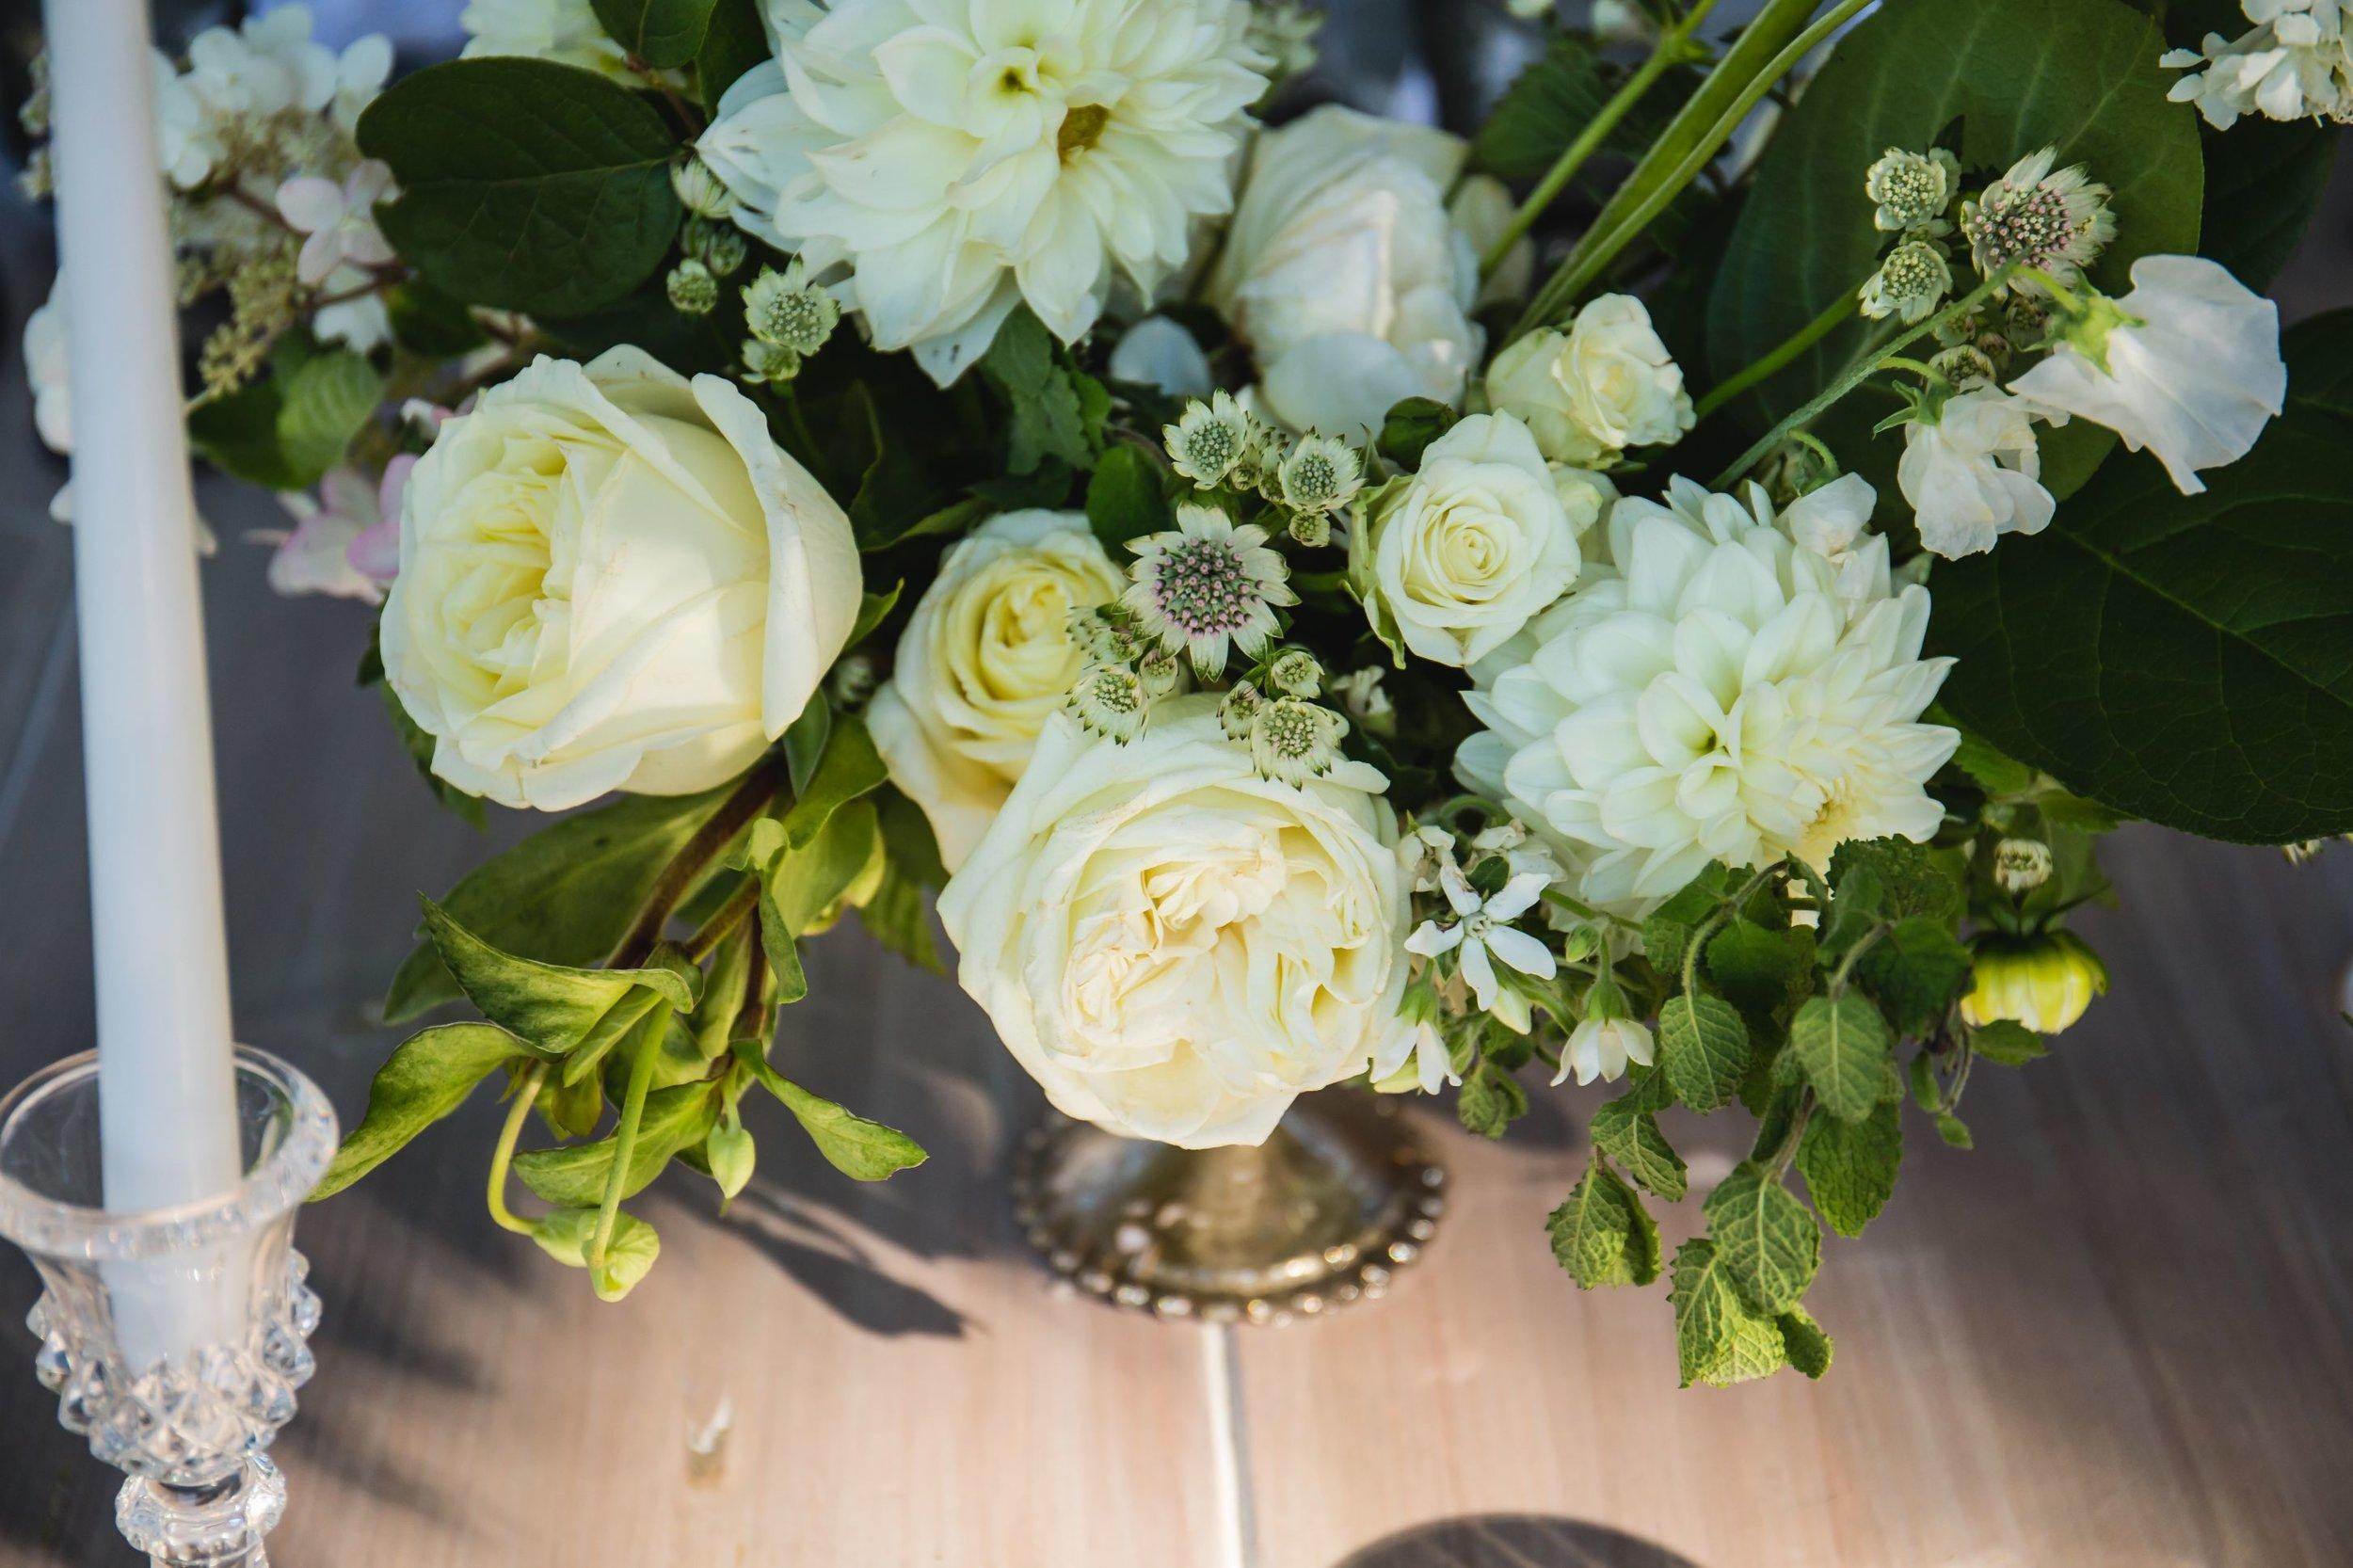 elevated-locale-bourne-farm-falmouth-wedding-daylynn-designs138.jpg